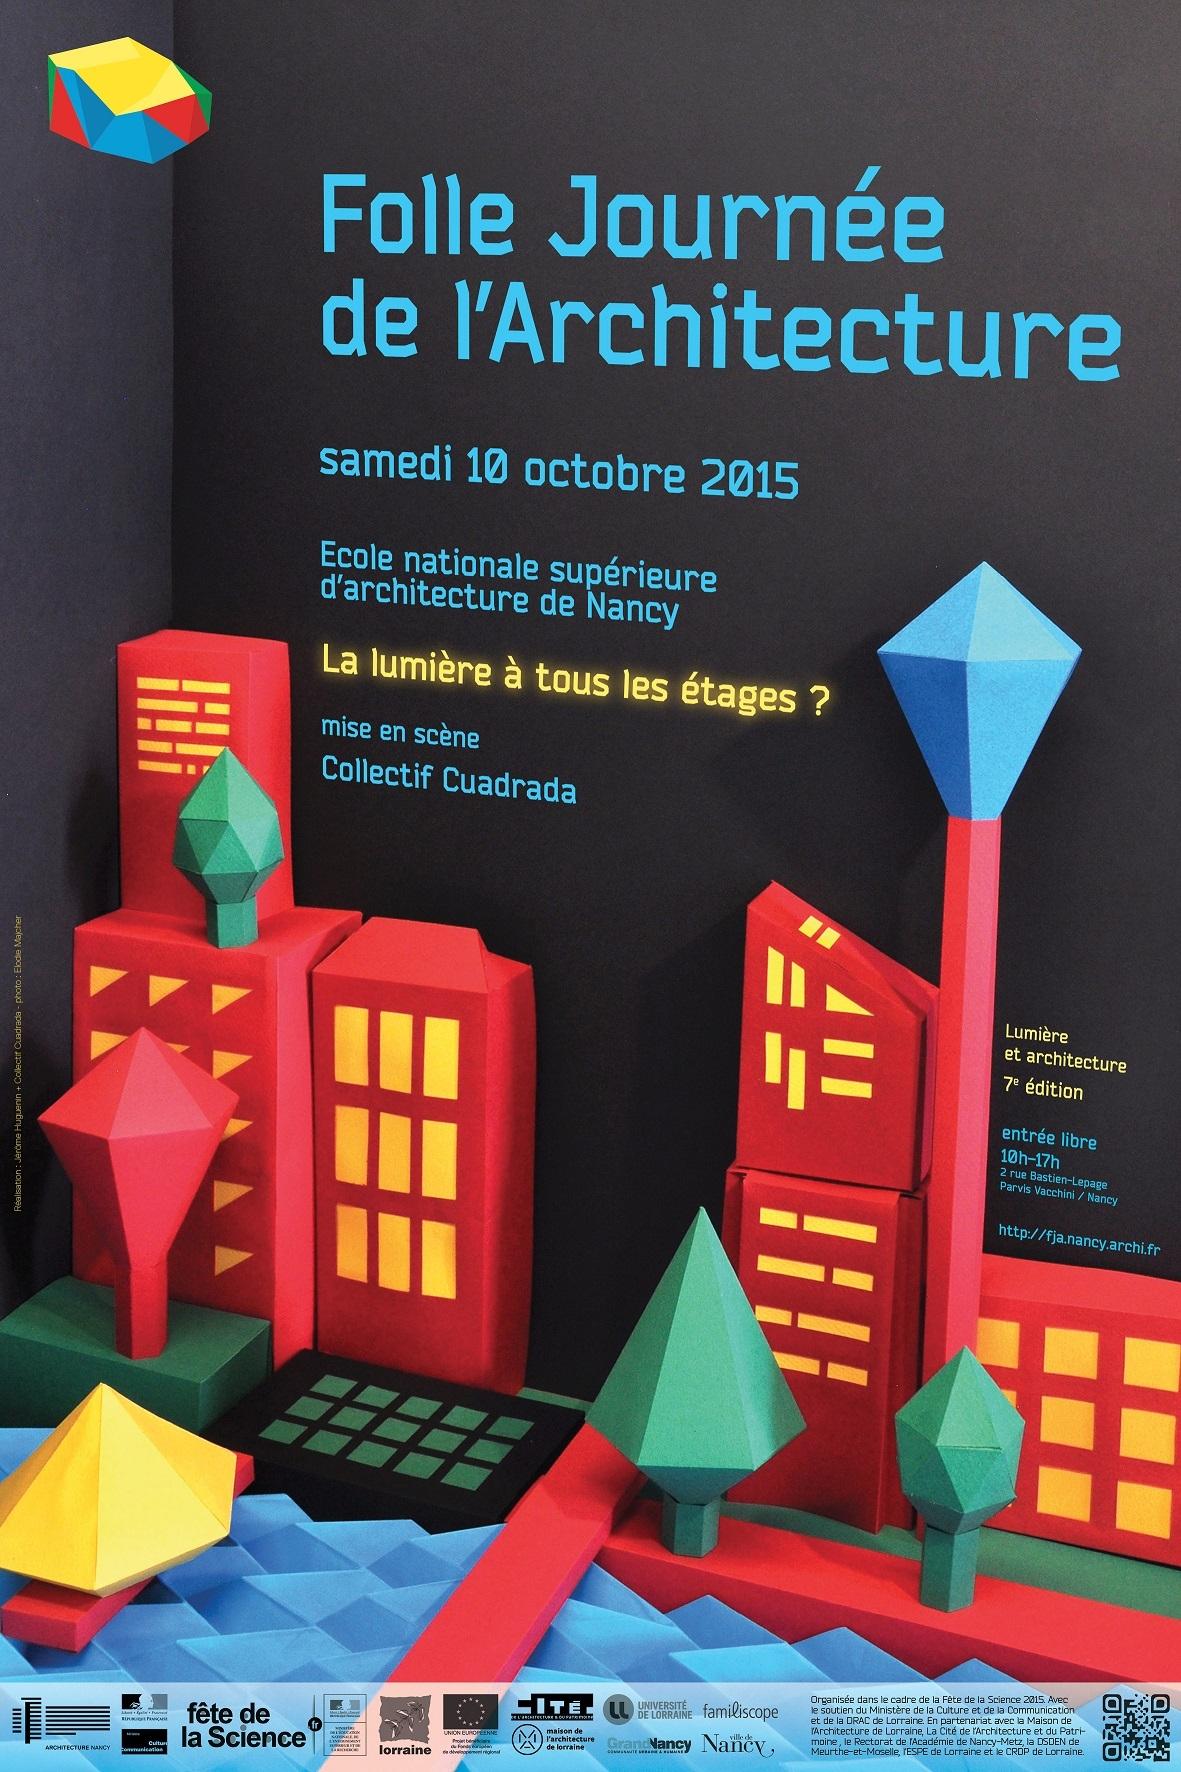 folle journée de l'architecture nancy